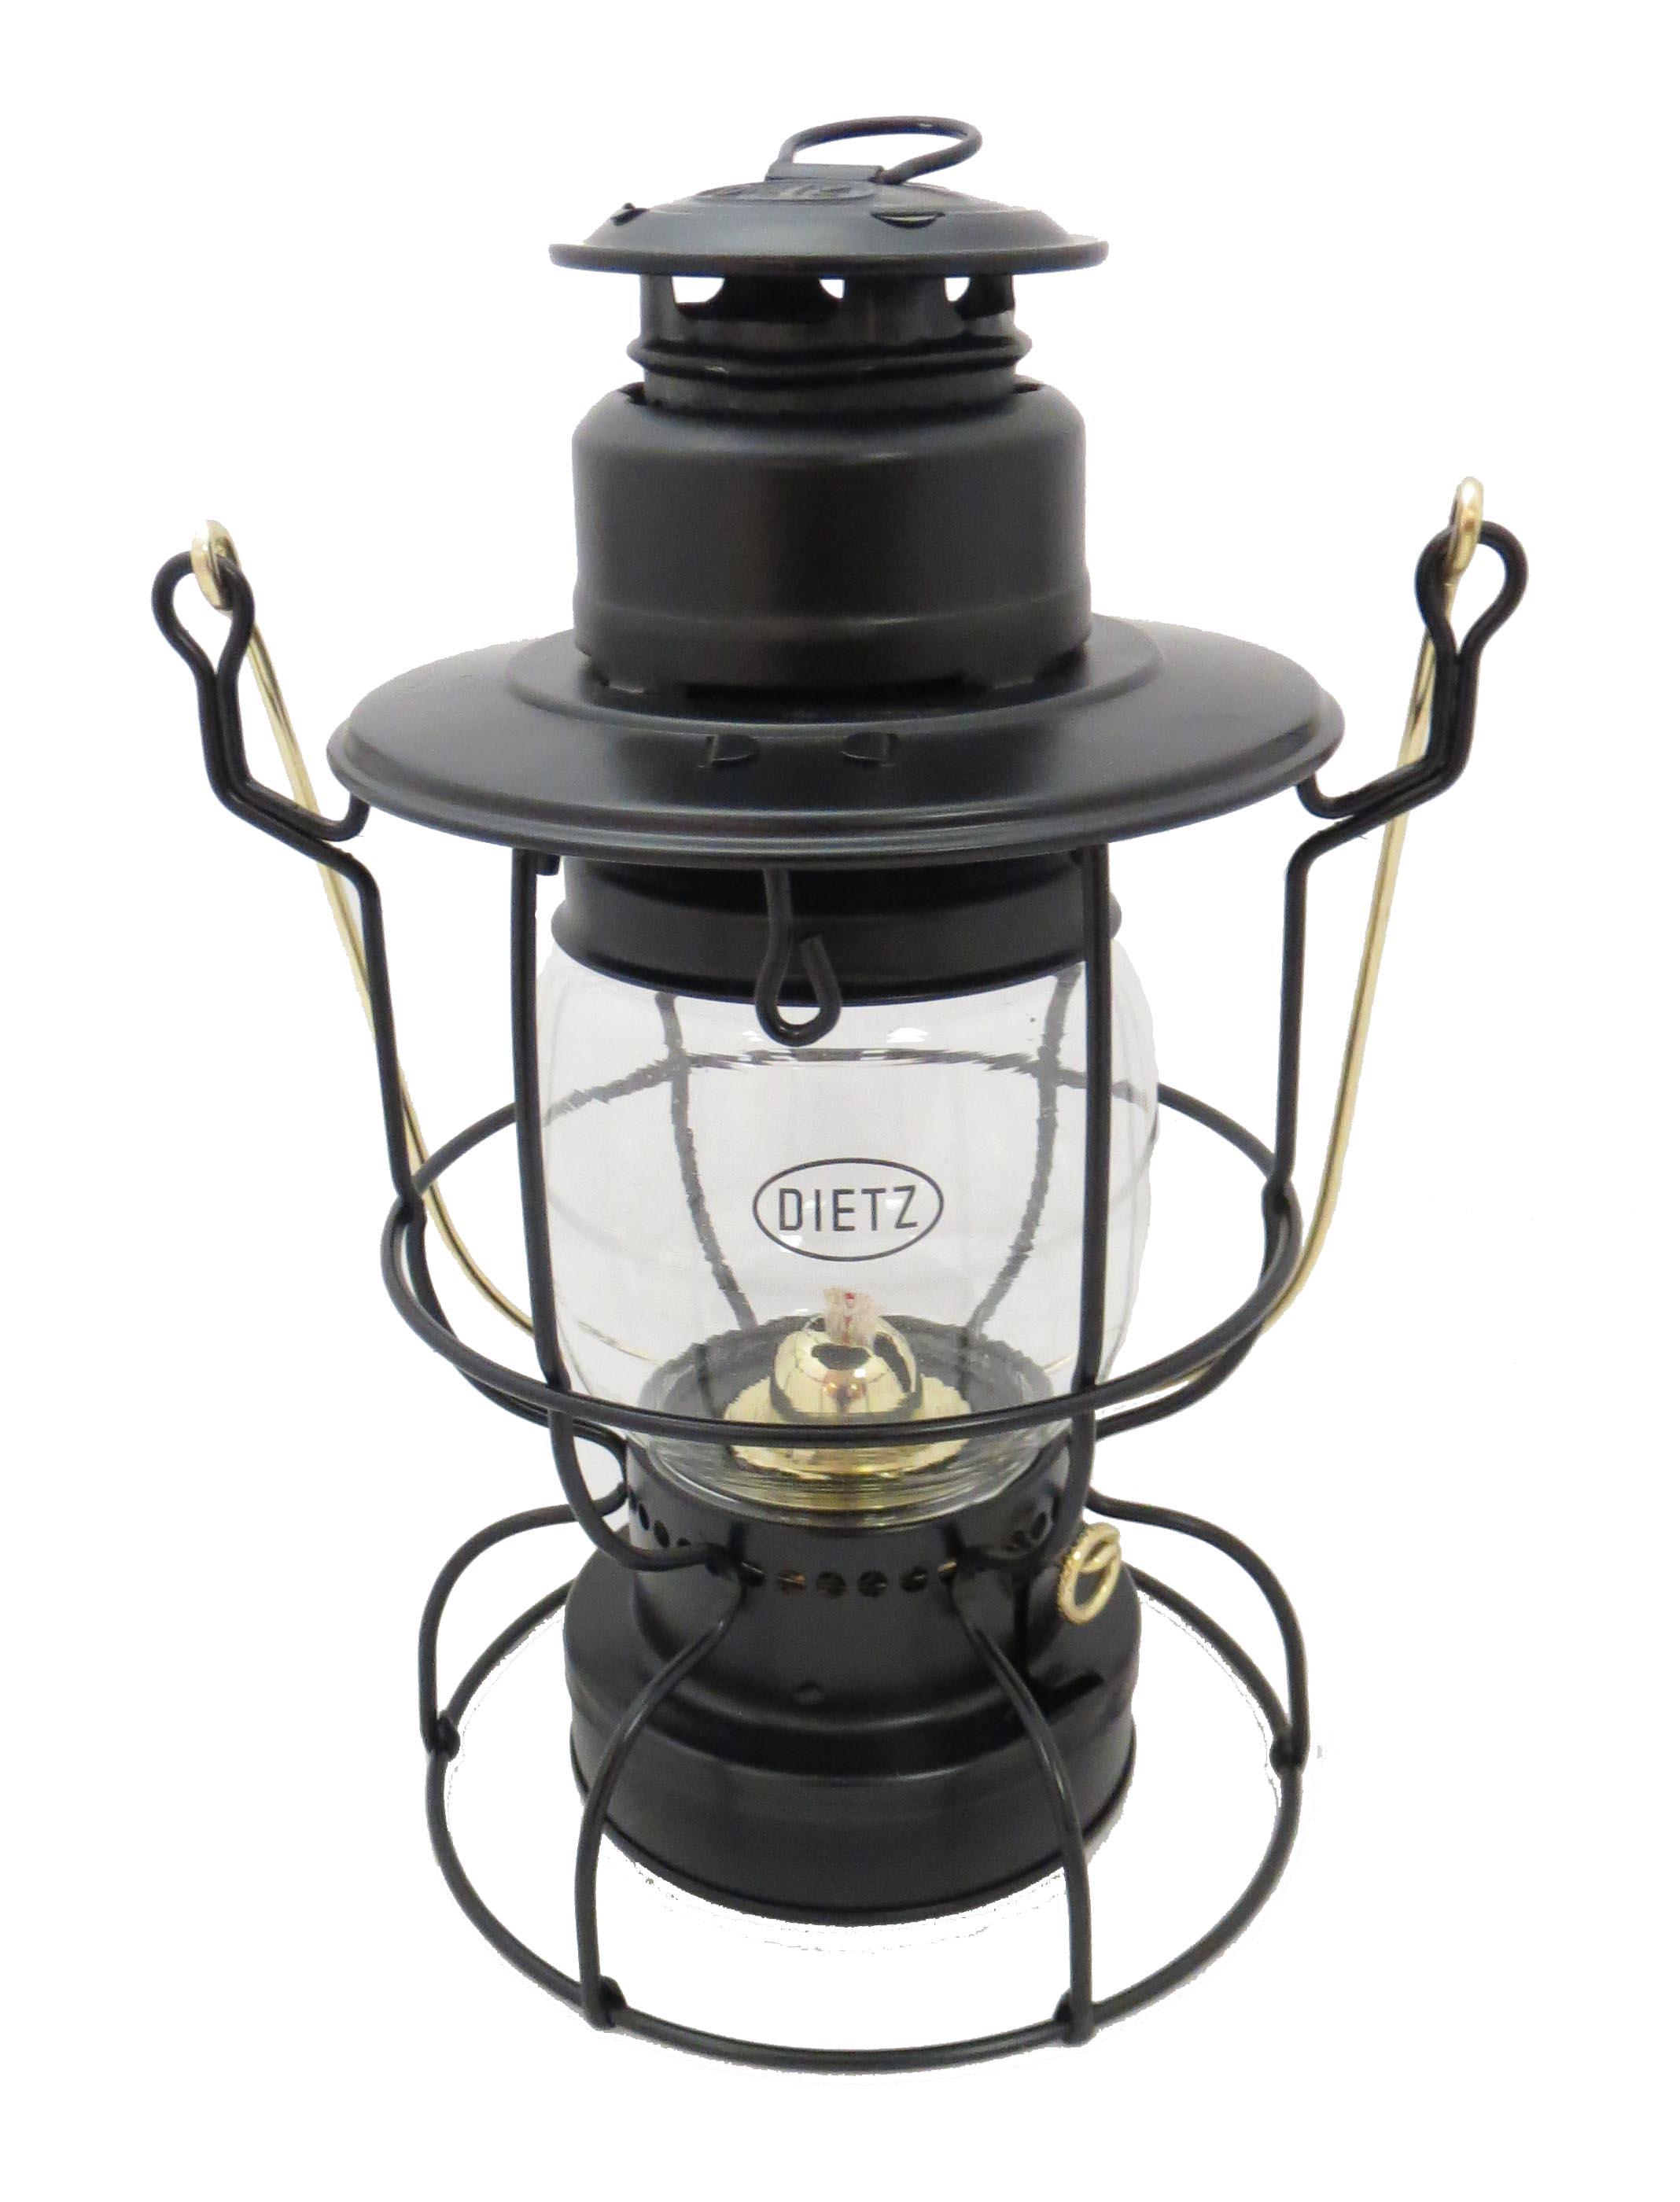 Dietz Watchman Railroad Oil Lantern Black With Gold Trim